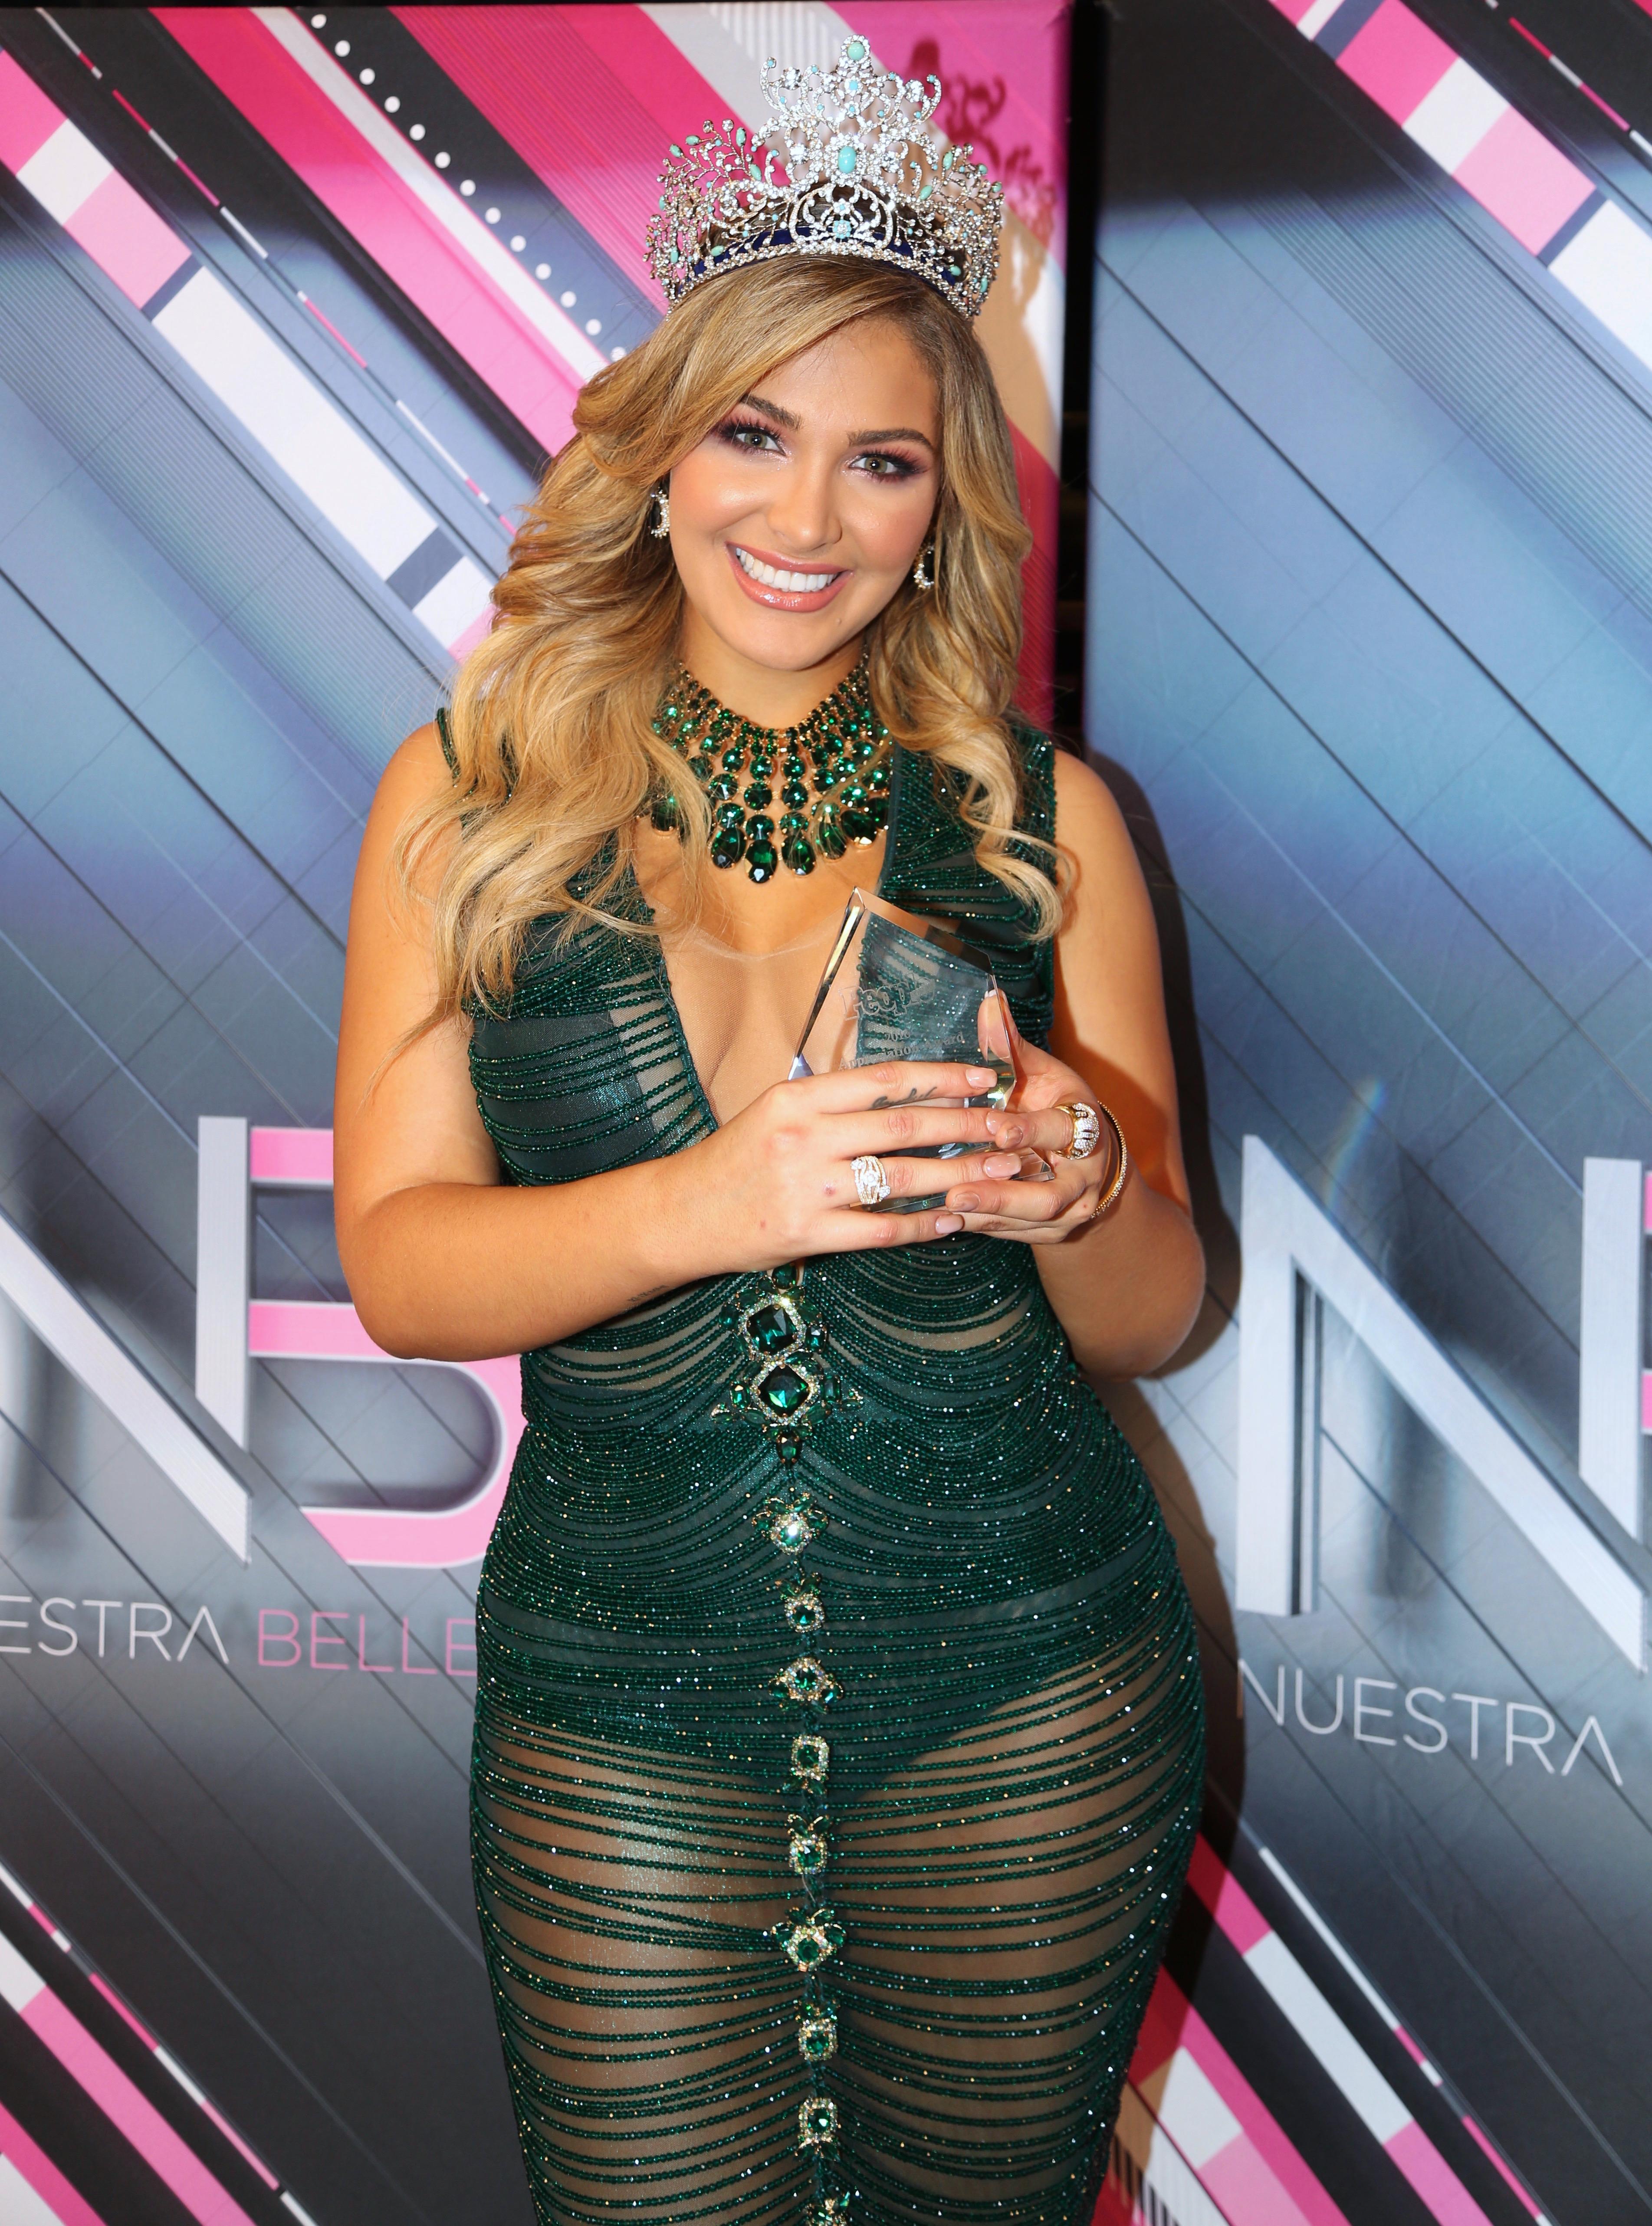 La reina de Nuestra Belleza Latina 2018   People en Español